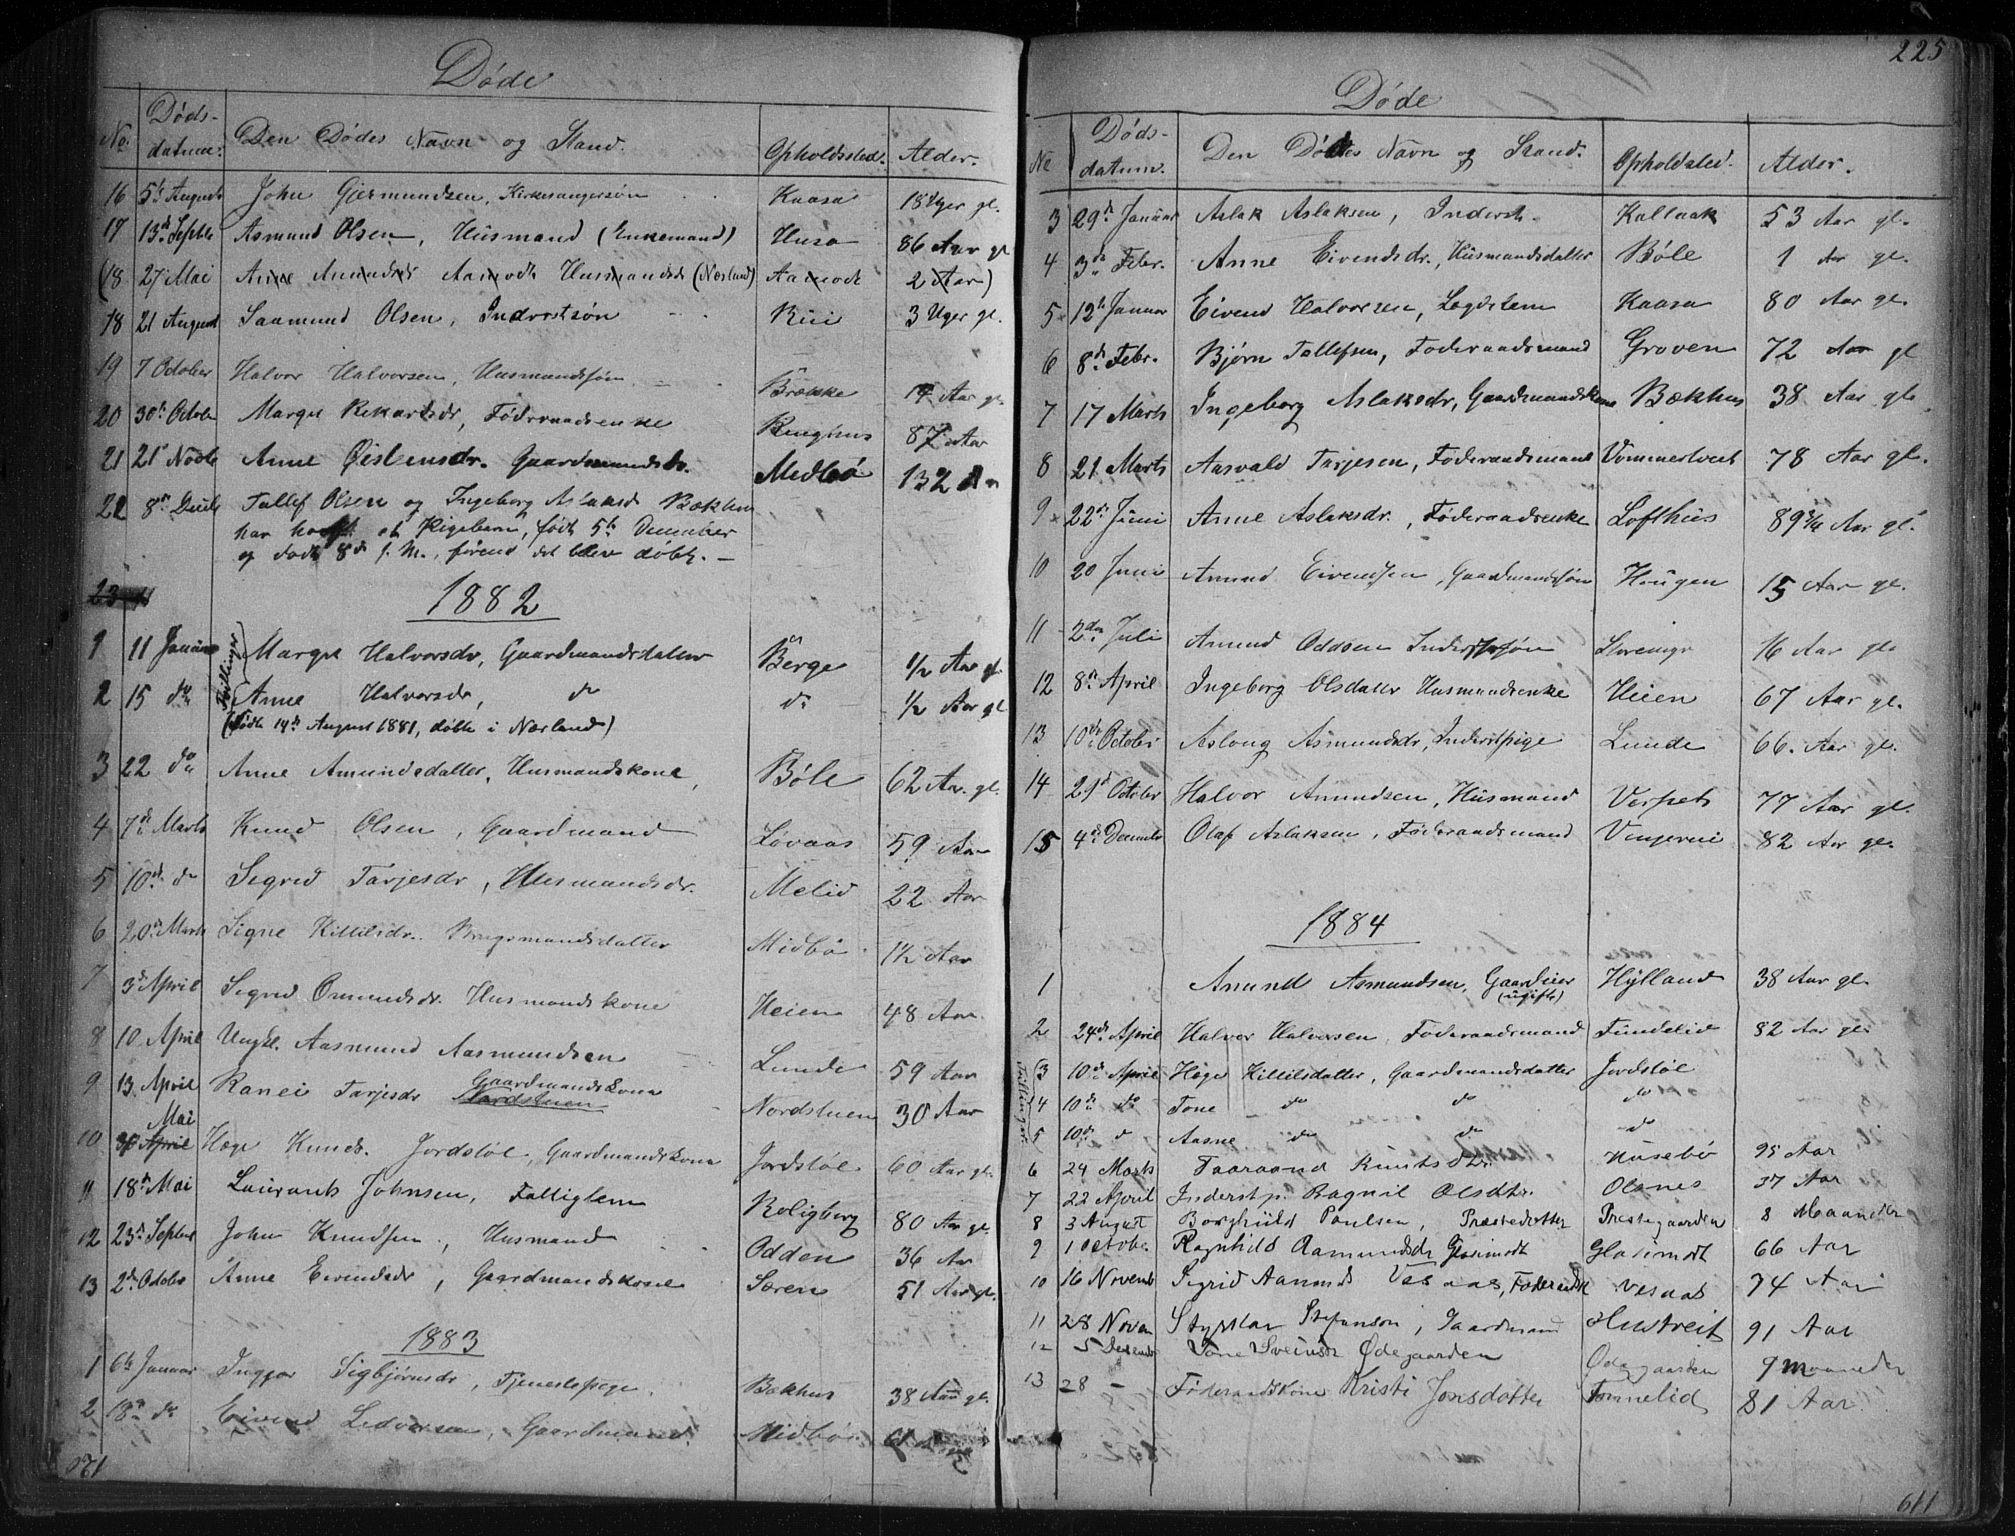 SAKO, Vinje kirkebøker, G/Ga/L0002: Klokkerbok nr. I 2, 1849-1893, s. 225